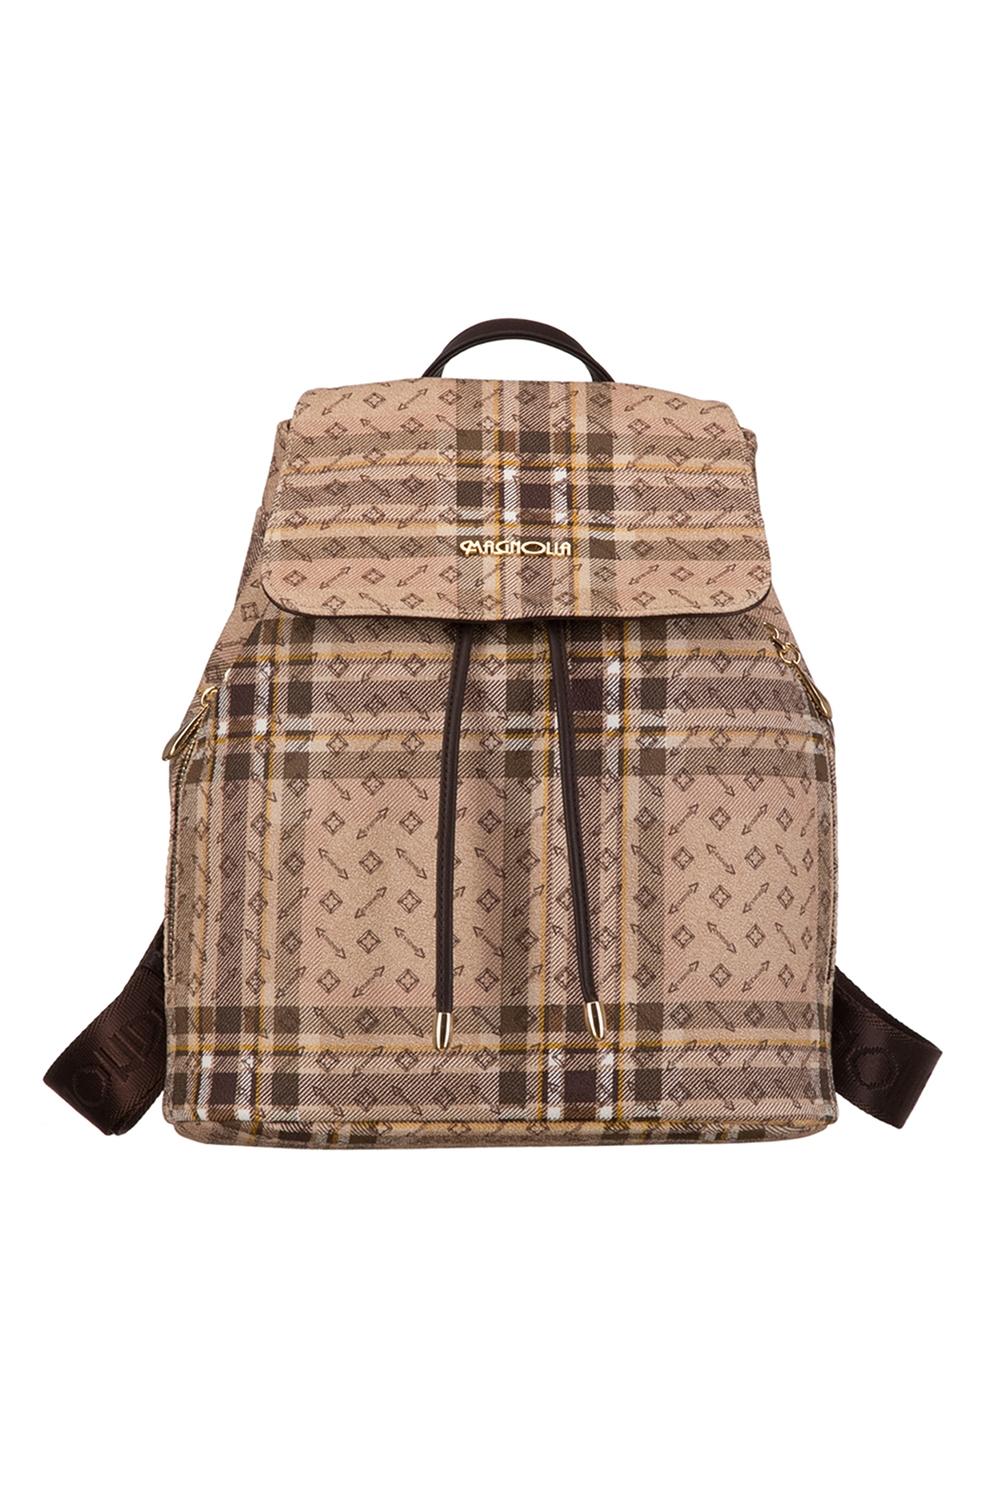 РюкзакРюкзаки<br>Удобный и вместительный сумка-рюкзак  Цвет: бежевый, коричневый  Размер:  длина 29 см высота 33 см ширина 14 см<br><br>По материалу: Искусственная кожа<br>По образу: Город<br>По рисунку: Цветные,С принтом,В клетку<br>По силуэту стенок: Трапециевидные<br>По степени жесткости: Полужесткие<br>По типу застежки: С застежкой молнией,С клапаном<br>По элементам: Карман под телефон<br>Ручки: Плечевые,Широкие<br>Отделения: 1 отделение<br>Размер : UNI<br>Материал: Искусственная кожа<br>Количество в наличии: 1